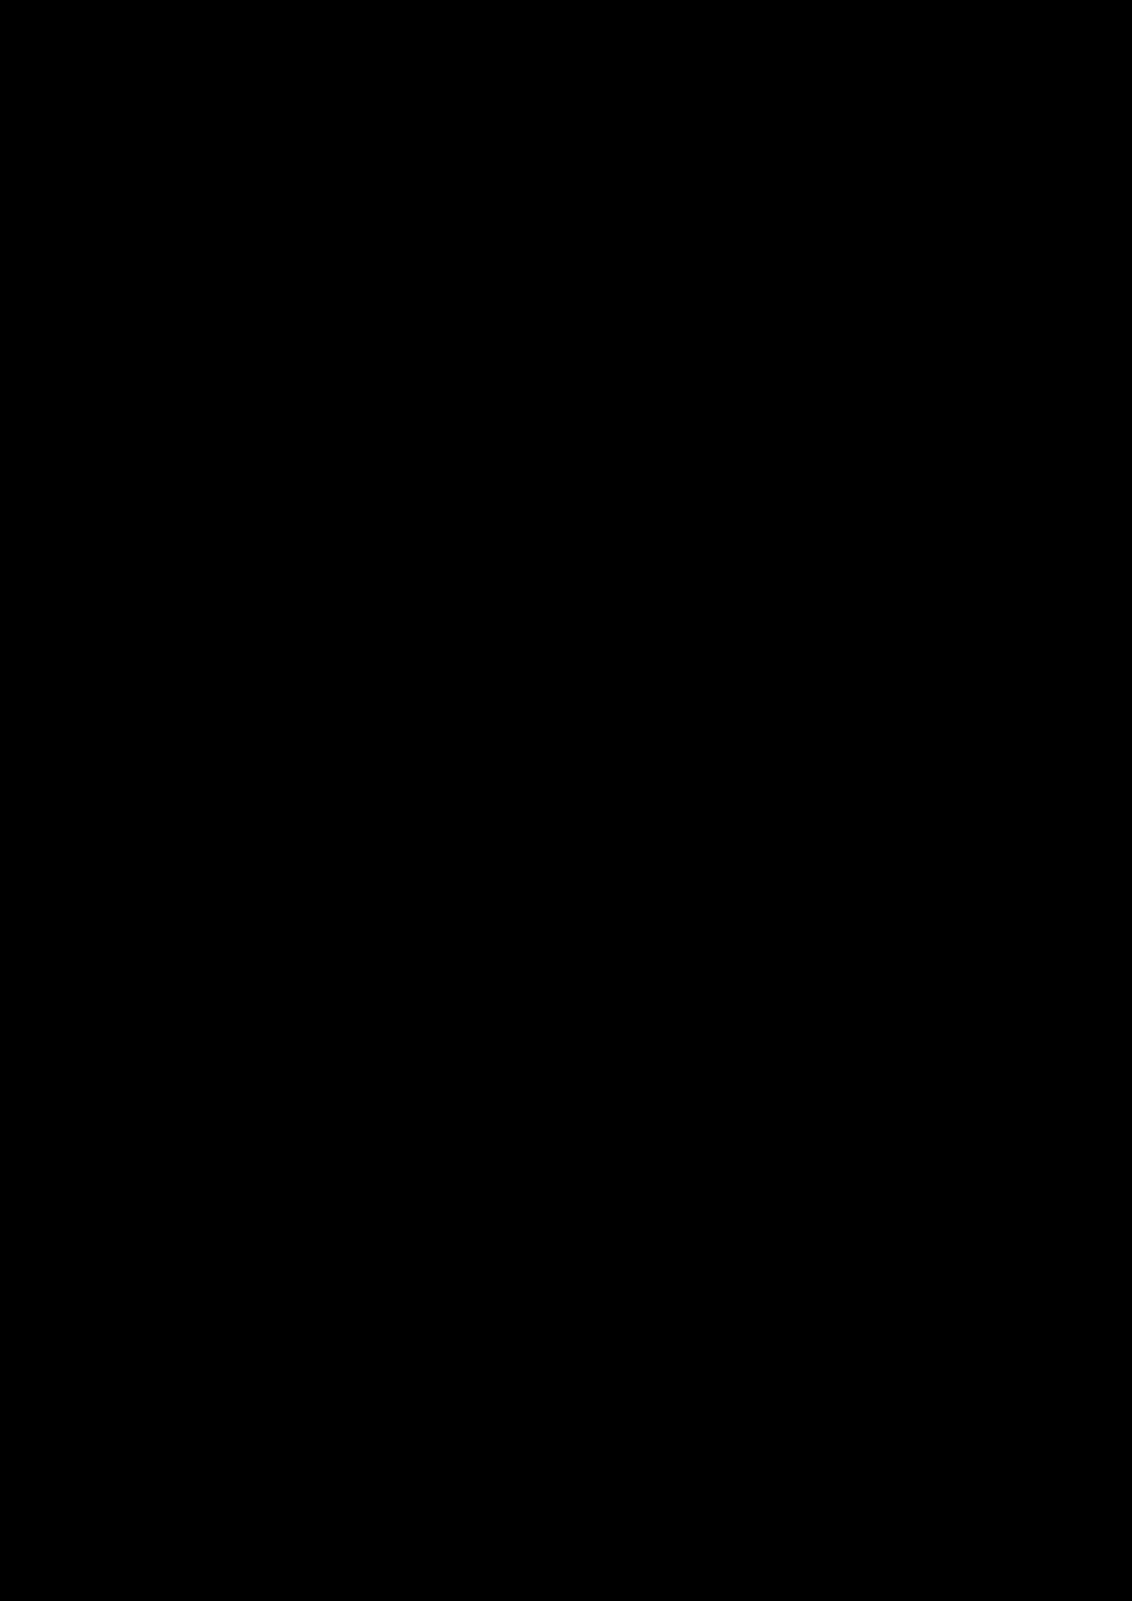 Proschanie s volshebnoy stranoy slide, Image 23